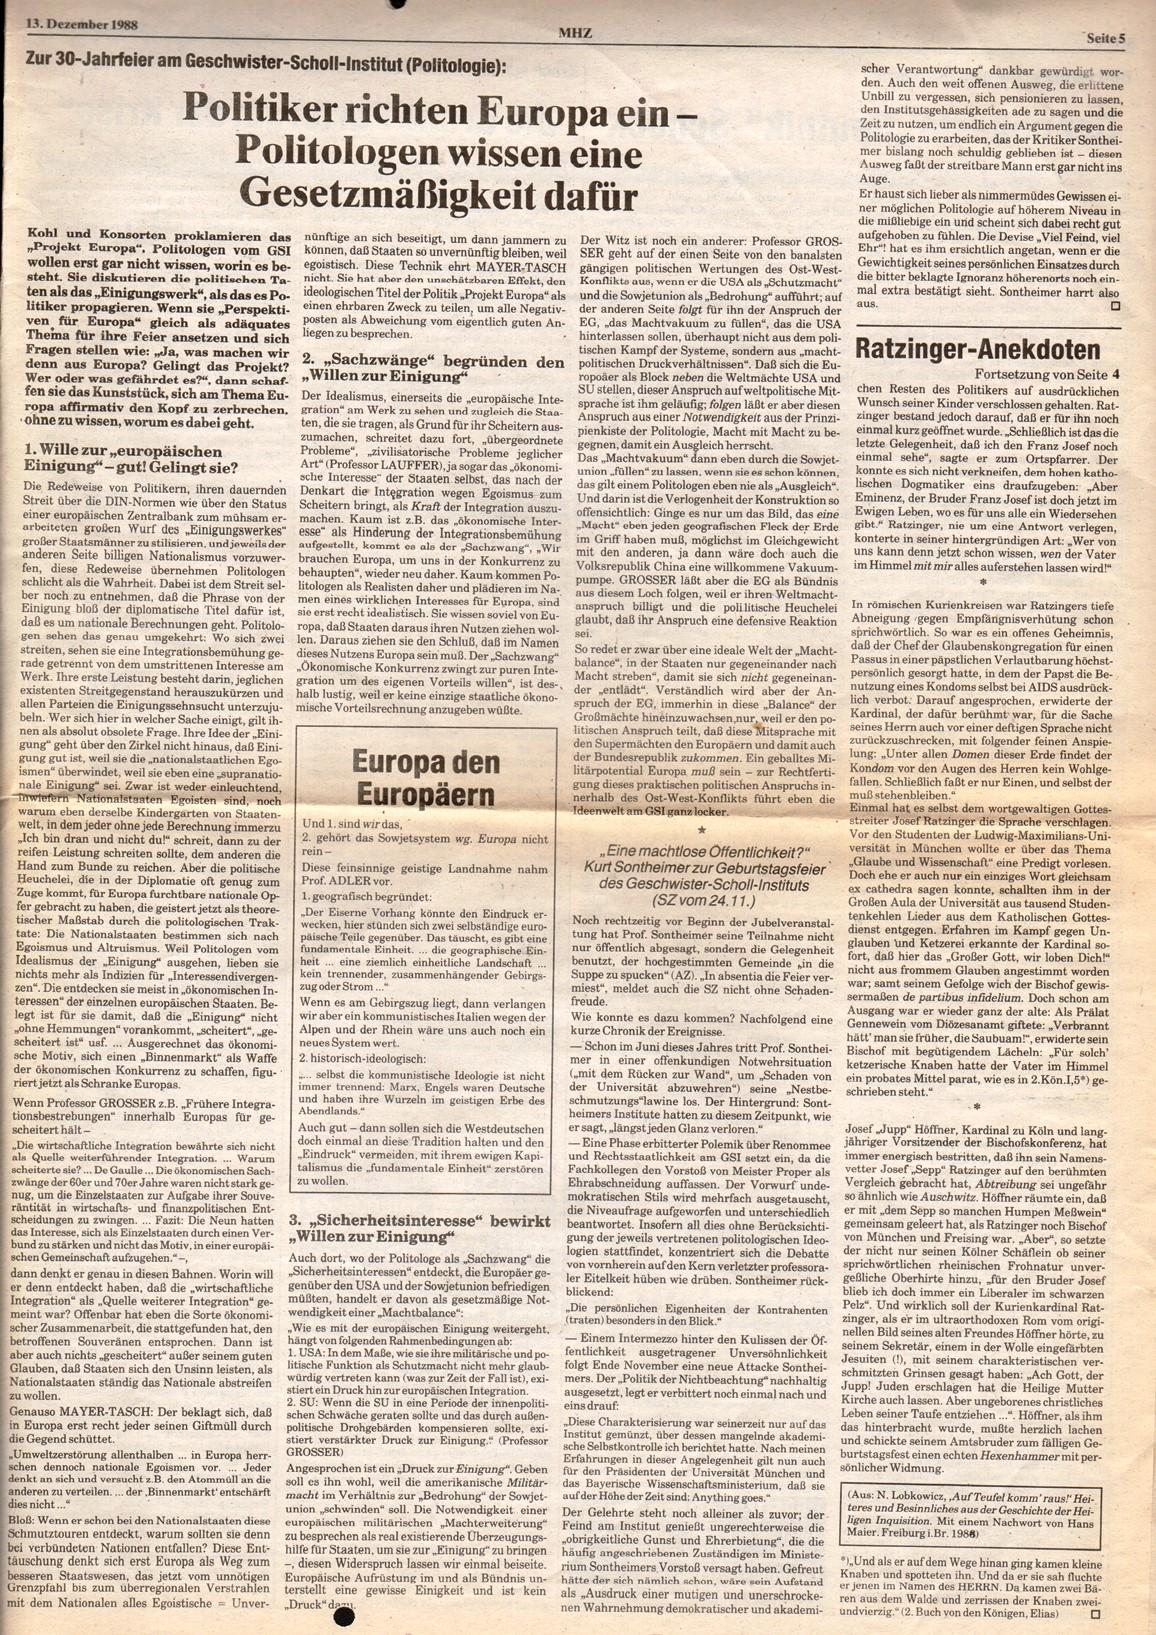 Muenchen_MG_Hochschulzeitung_19881213_05